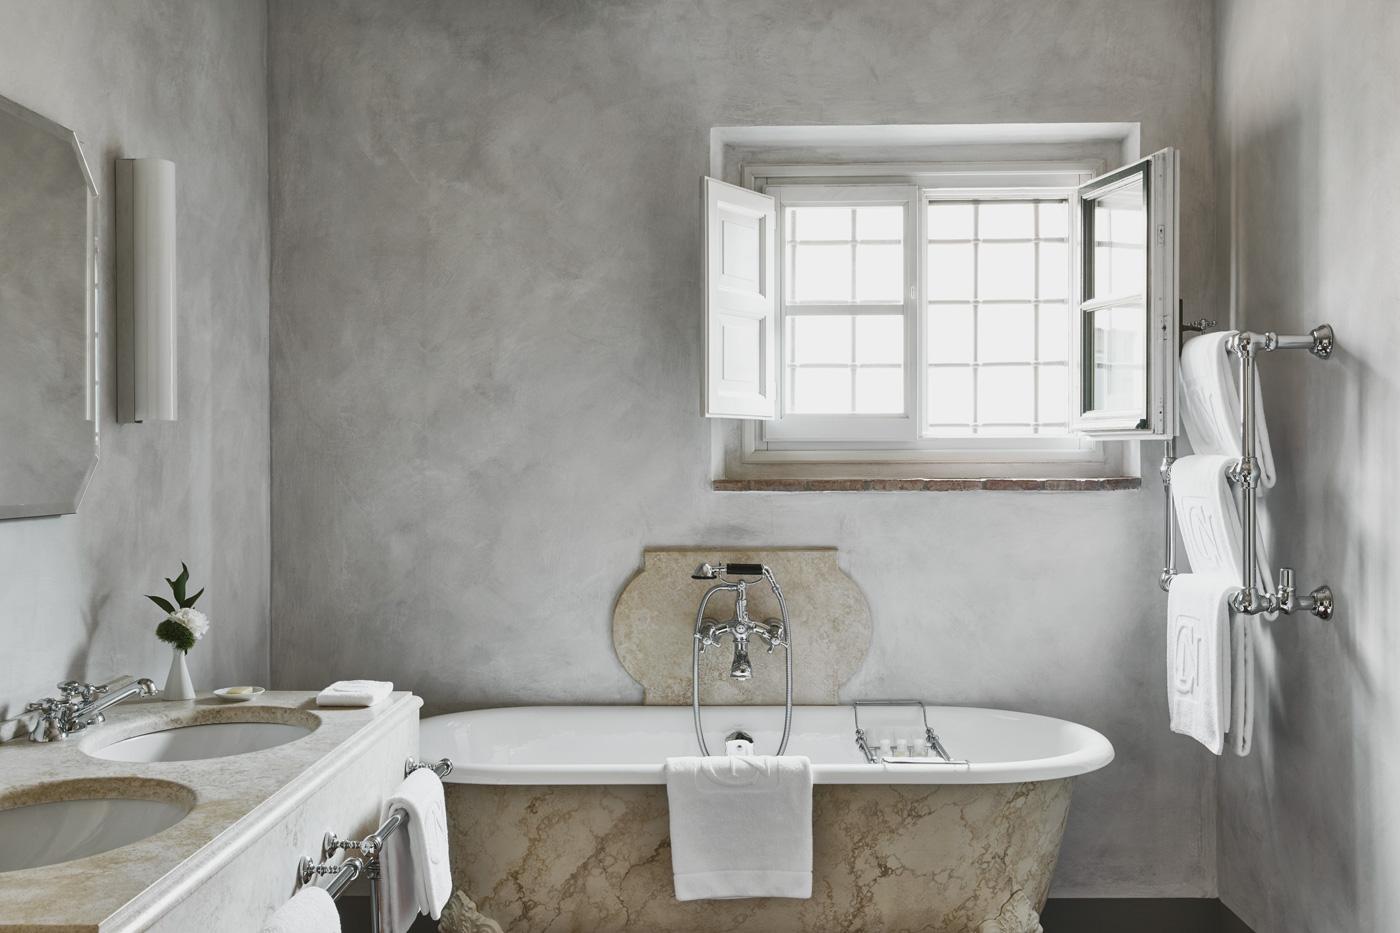 Innenansicht des Bads eines Hotelzimmers